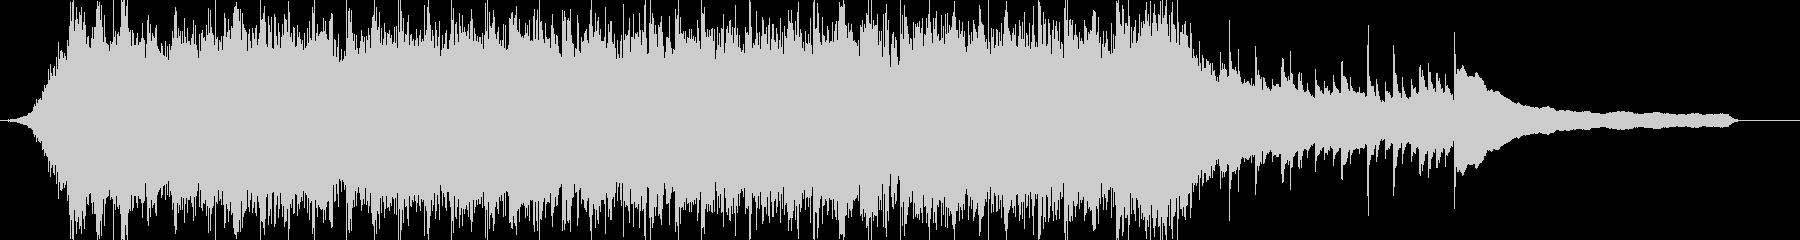 企業VPや映像42、壮大、オーケストラcの未再生の波形